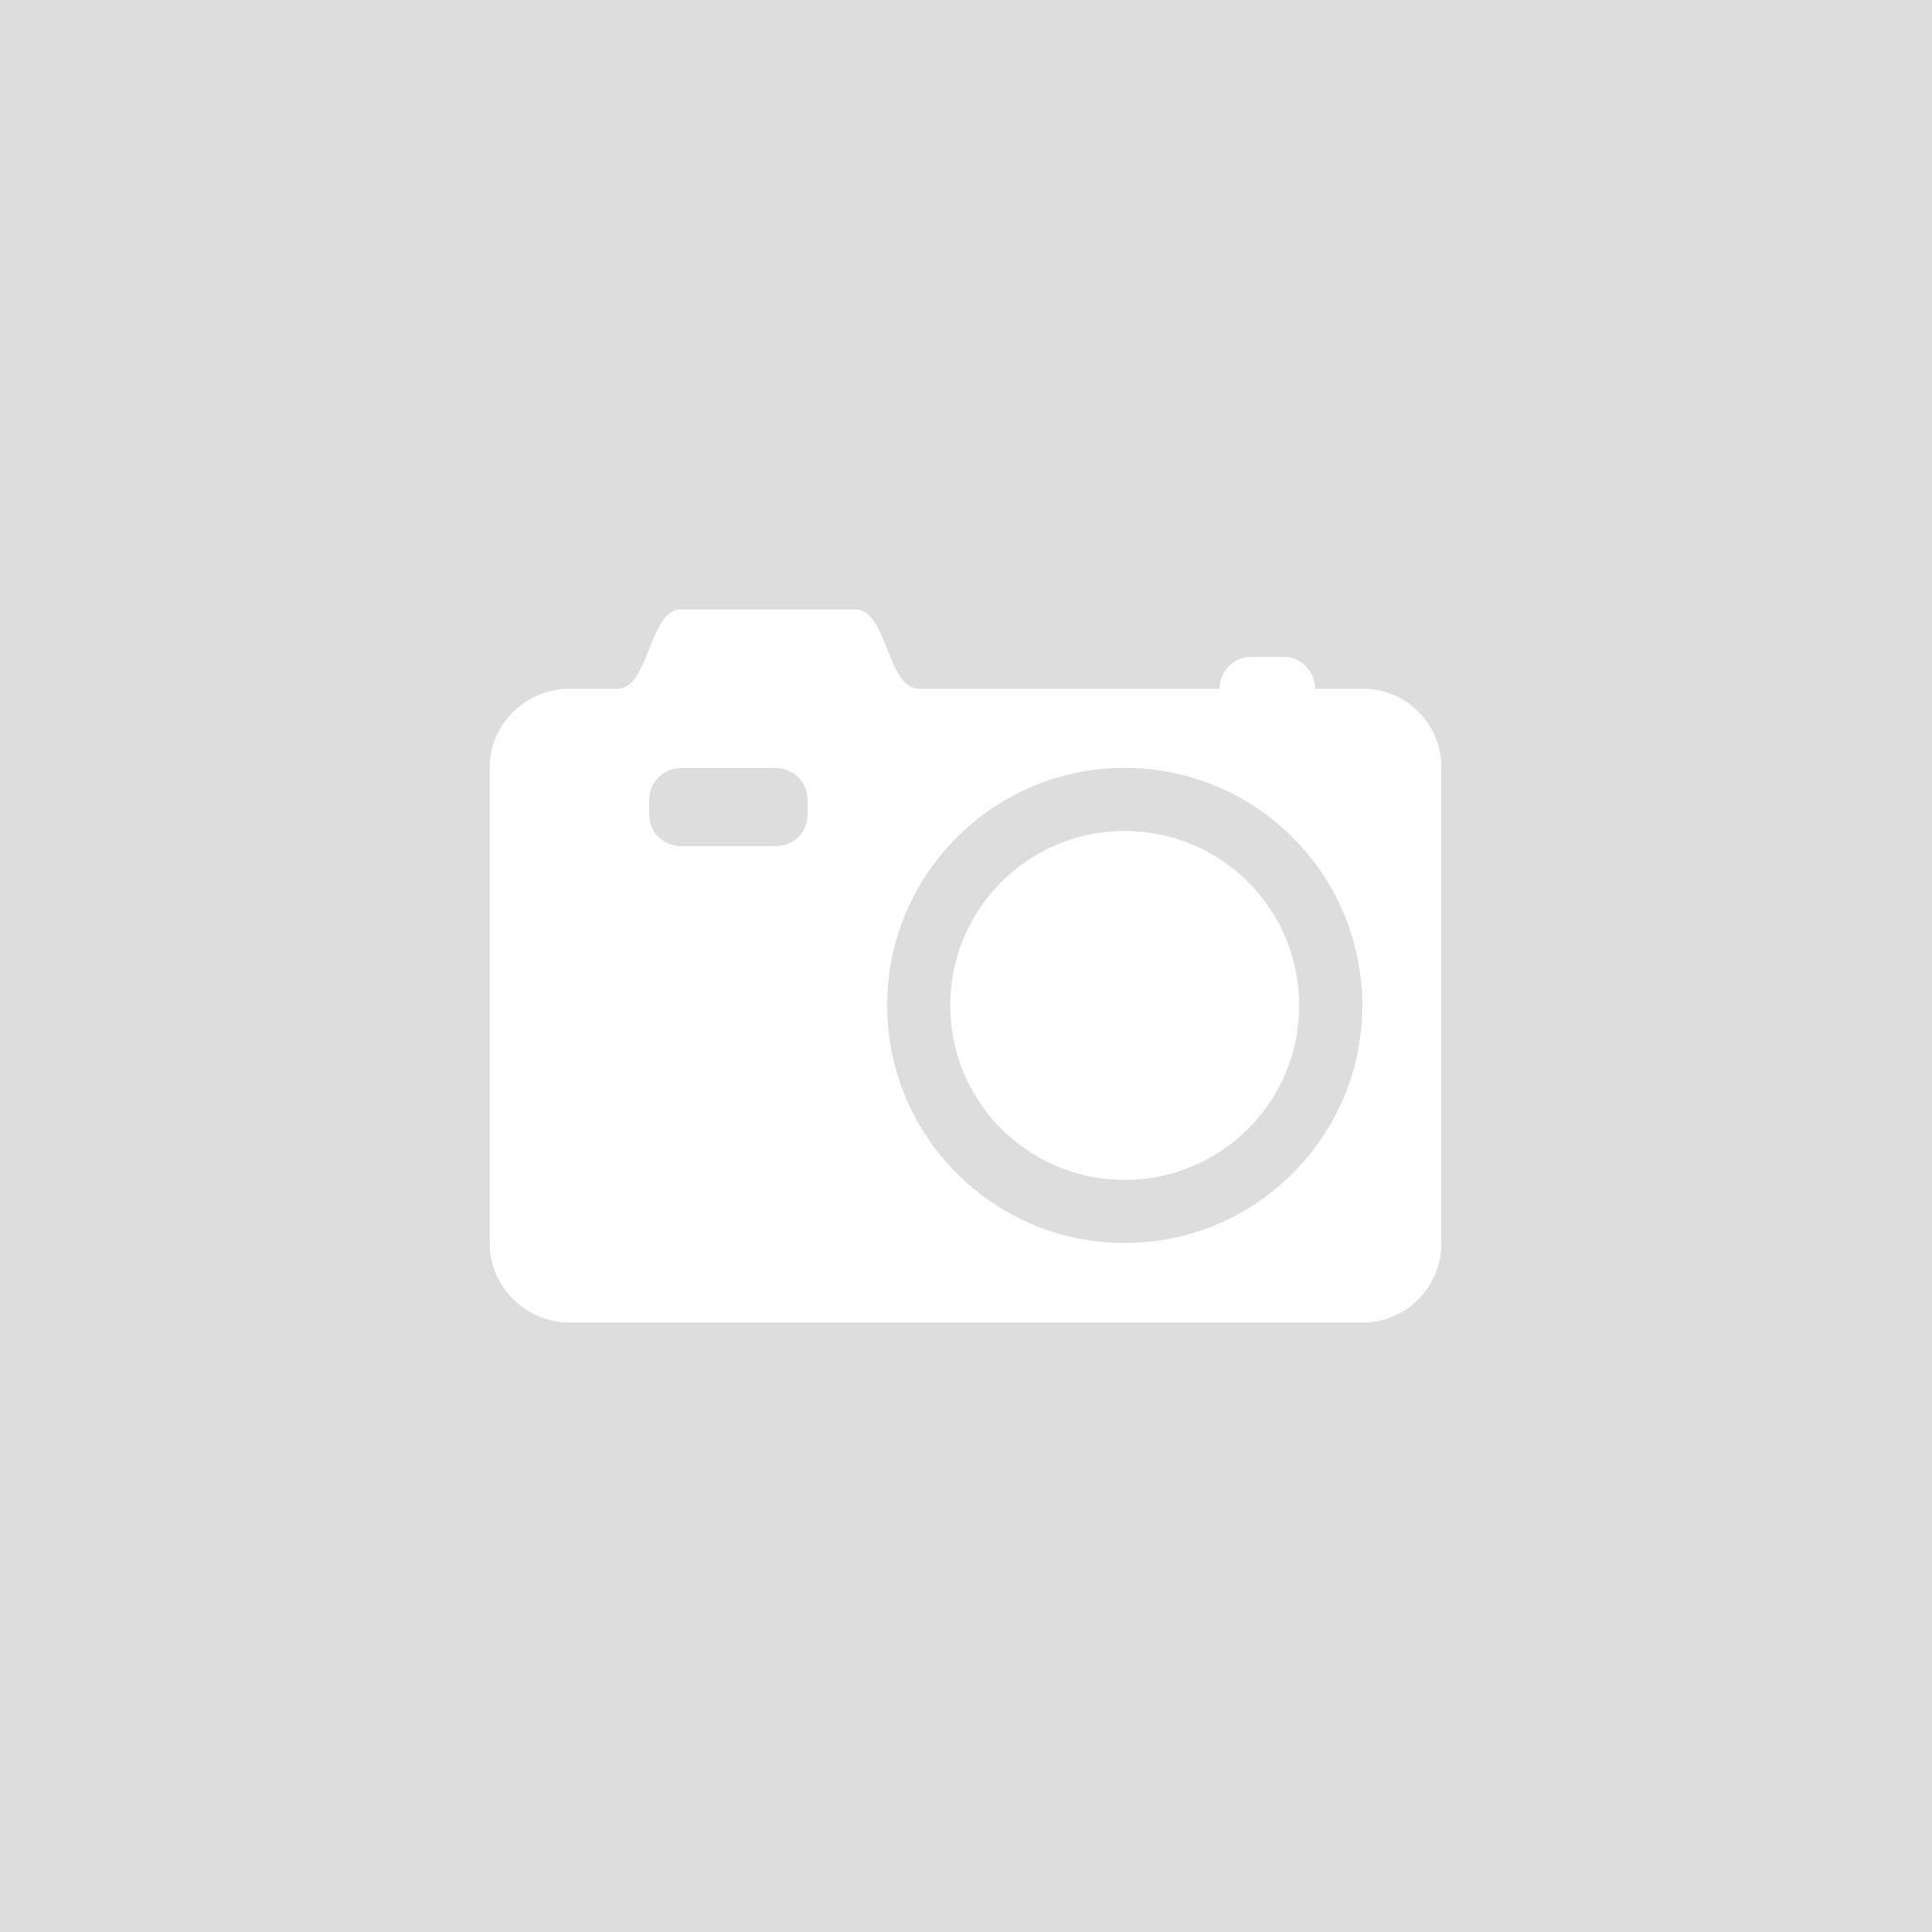 2.5L Deep Amethyst One Coat Matt Emulsion - Johnstones Paint